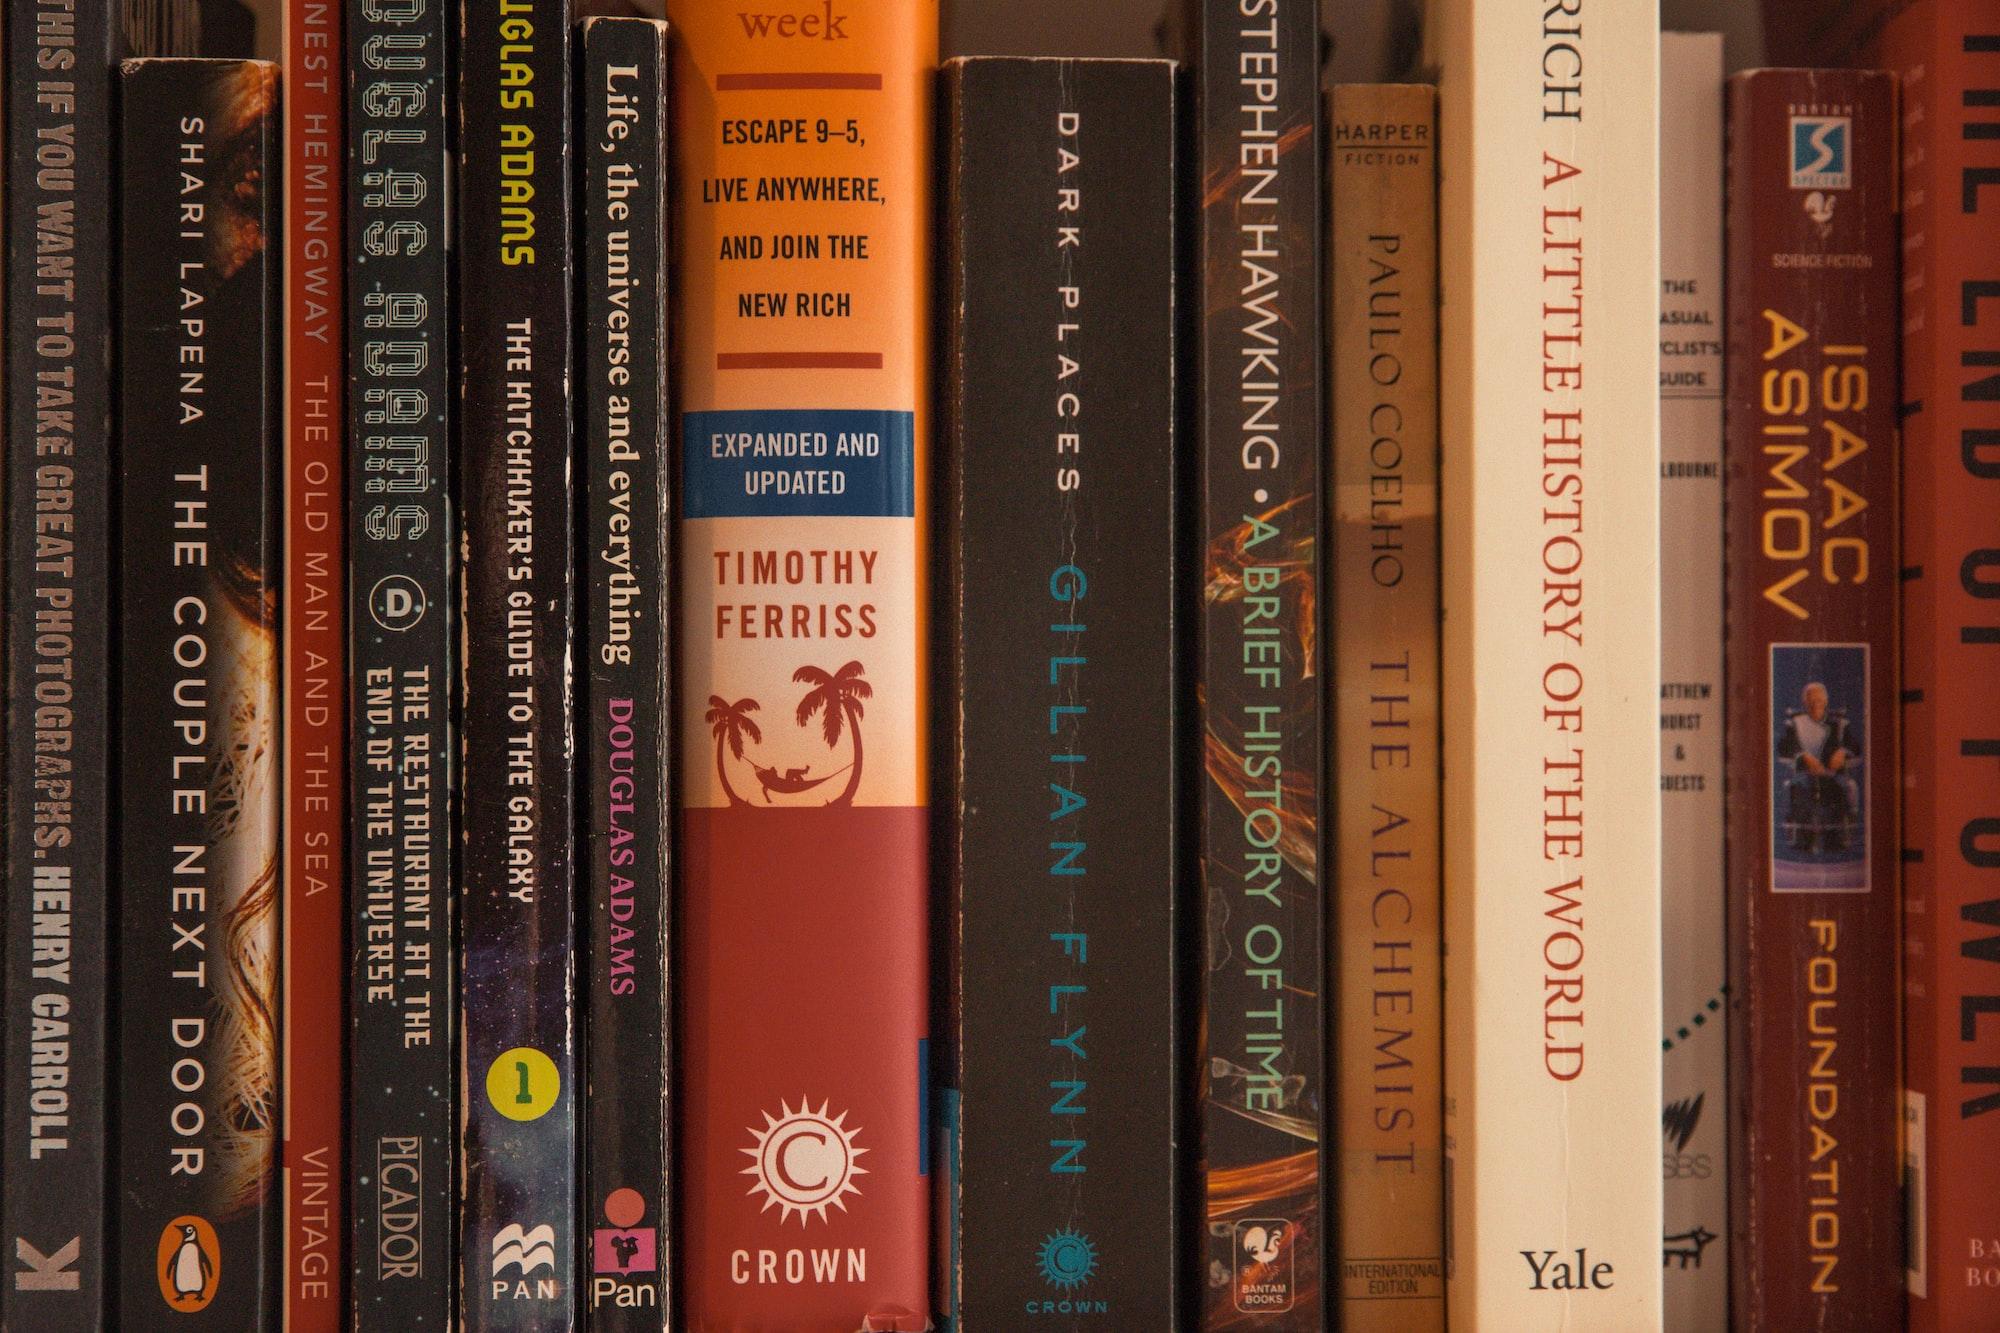 Seth Godin's self-publishing independence